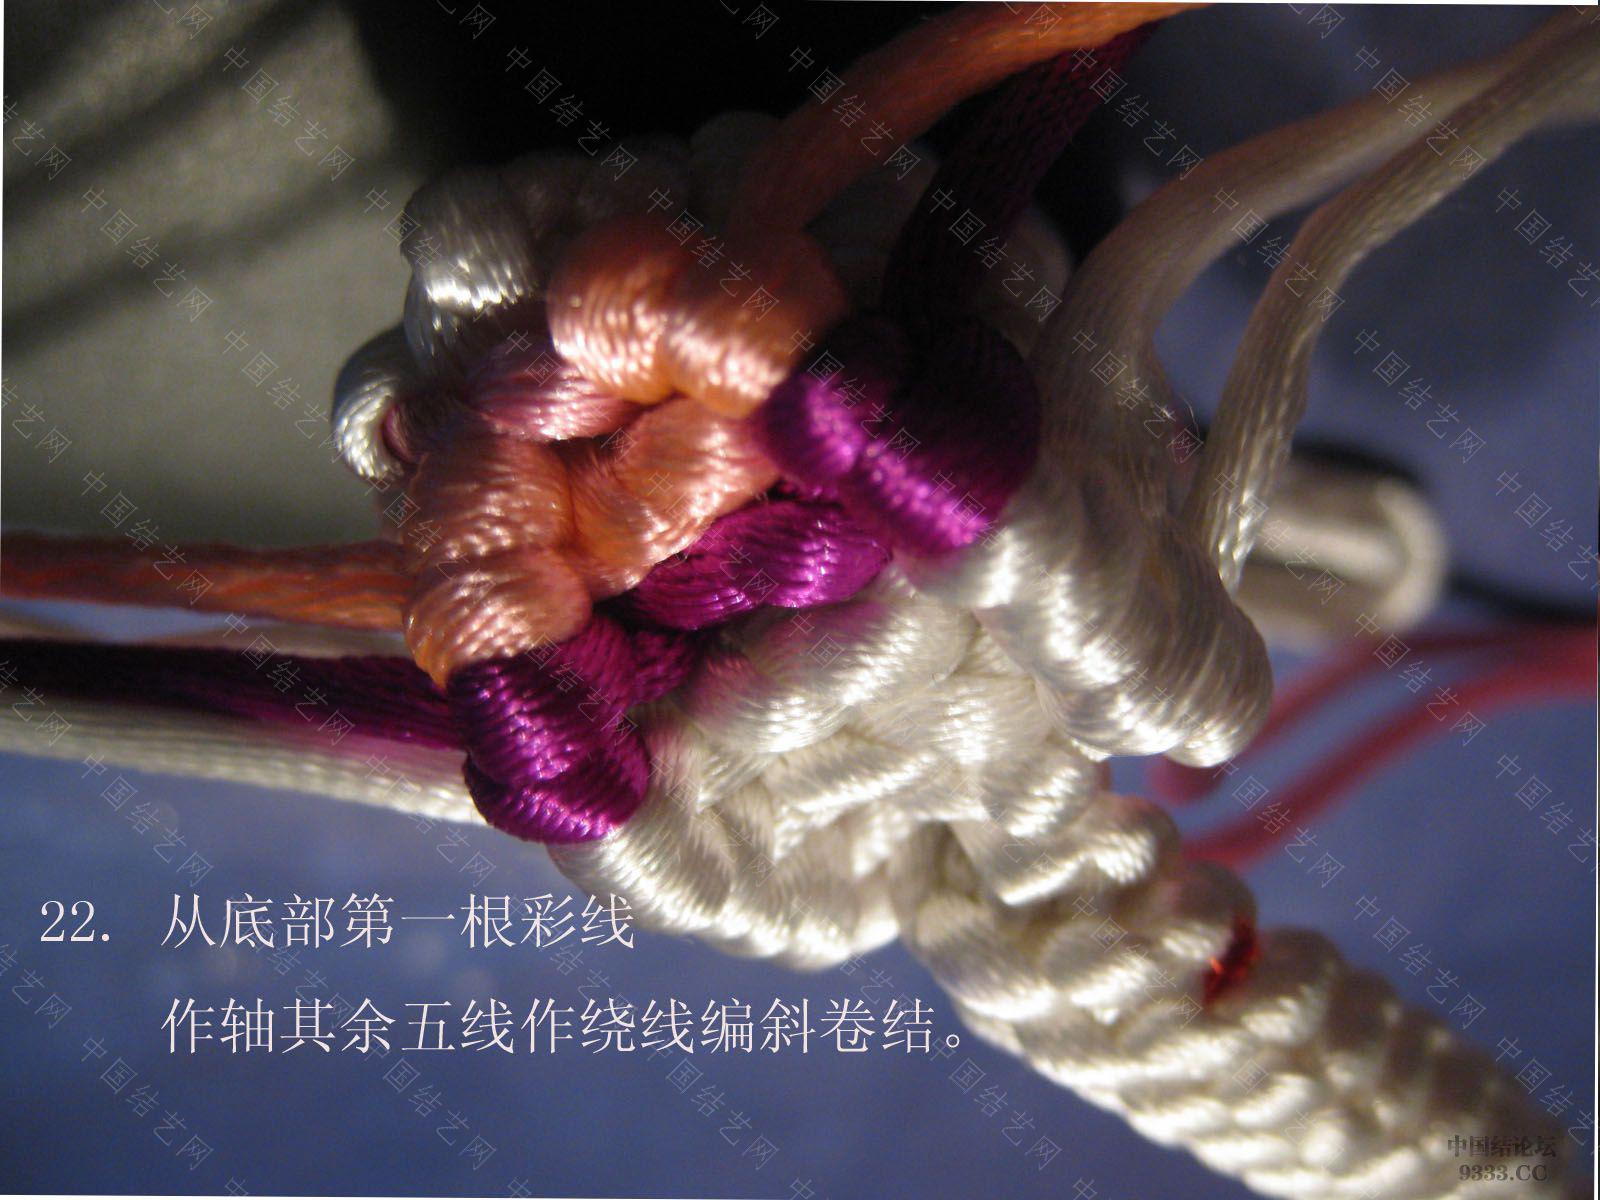 中国结论坛 学习一米老师编的天鹅的图文教程  立体绳结教程与交流区 0910261516ce8dac9e22061f32